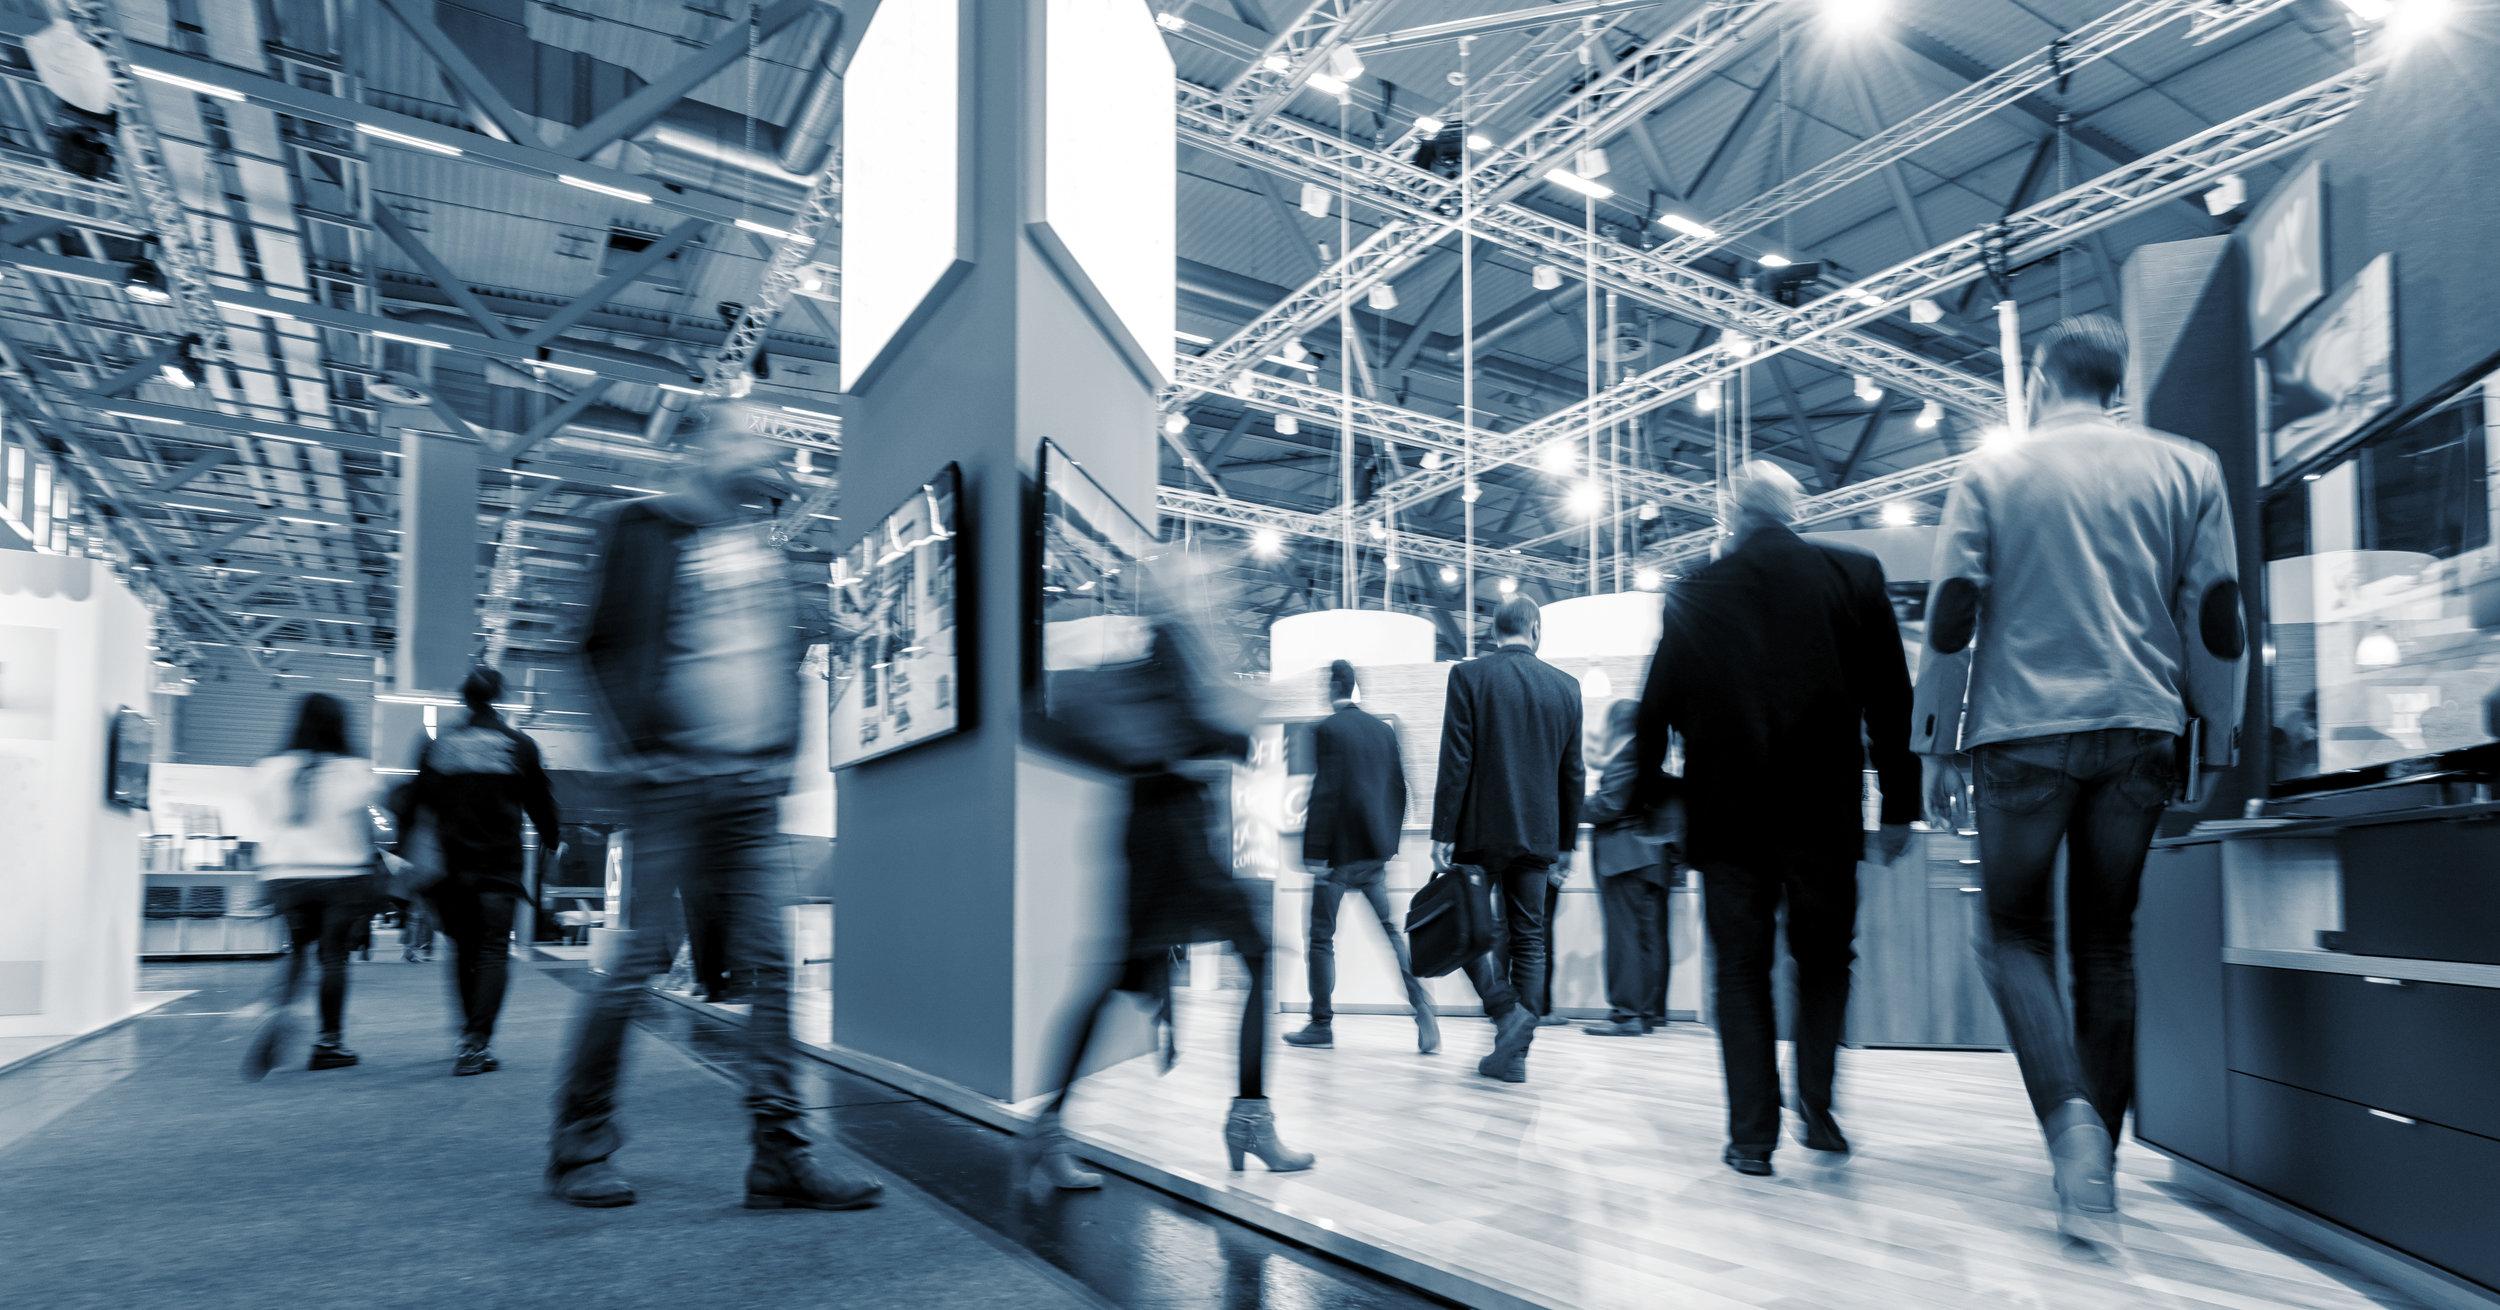 Exhibit_shutterstock_604958933.jpg